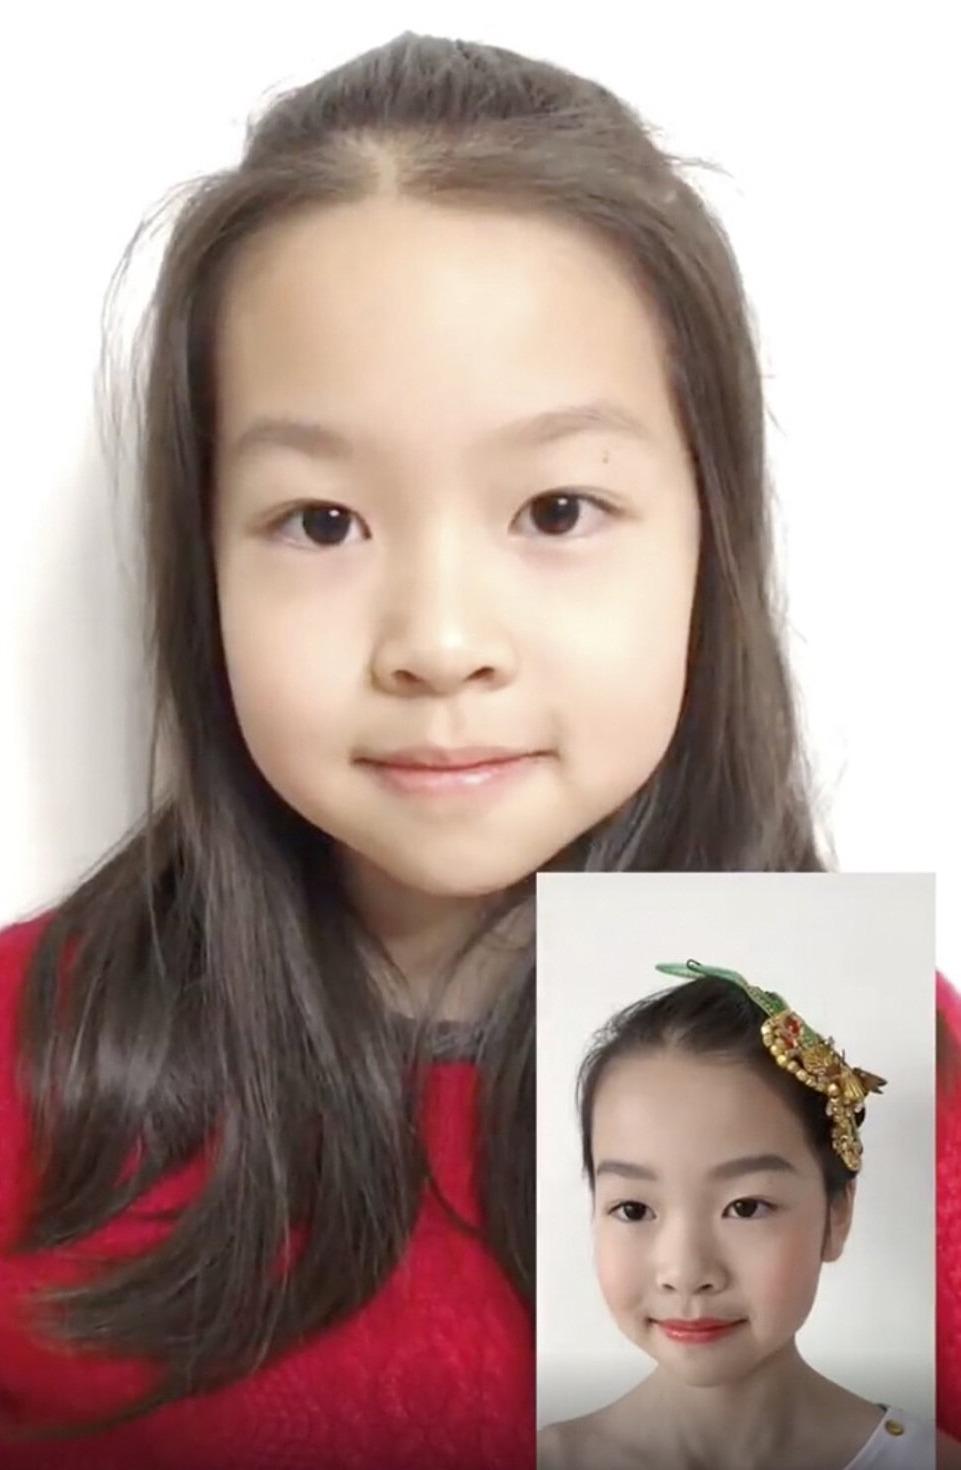 Một bé gái Trung Quốc nổi tiếng trên mạng xã hội với các video trang điểm.